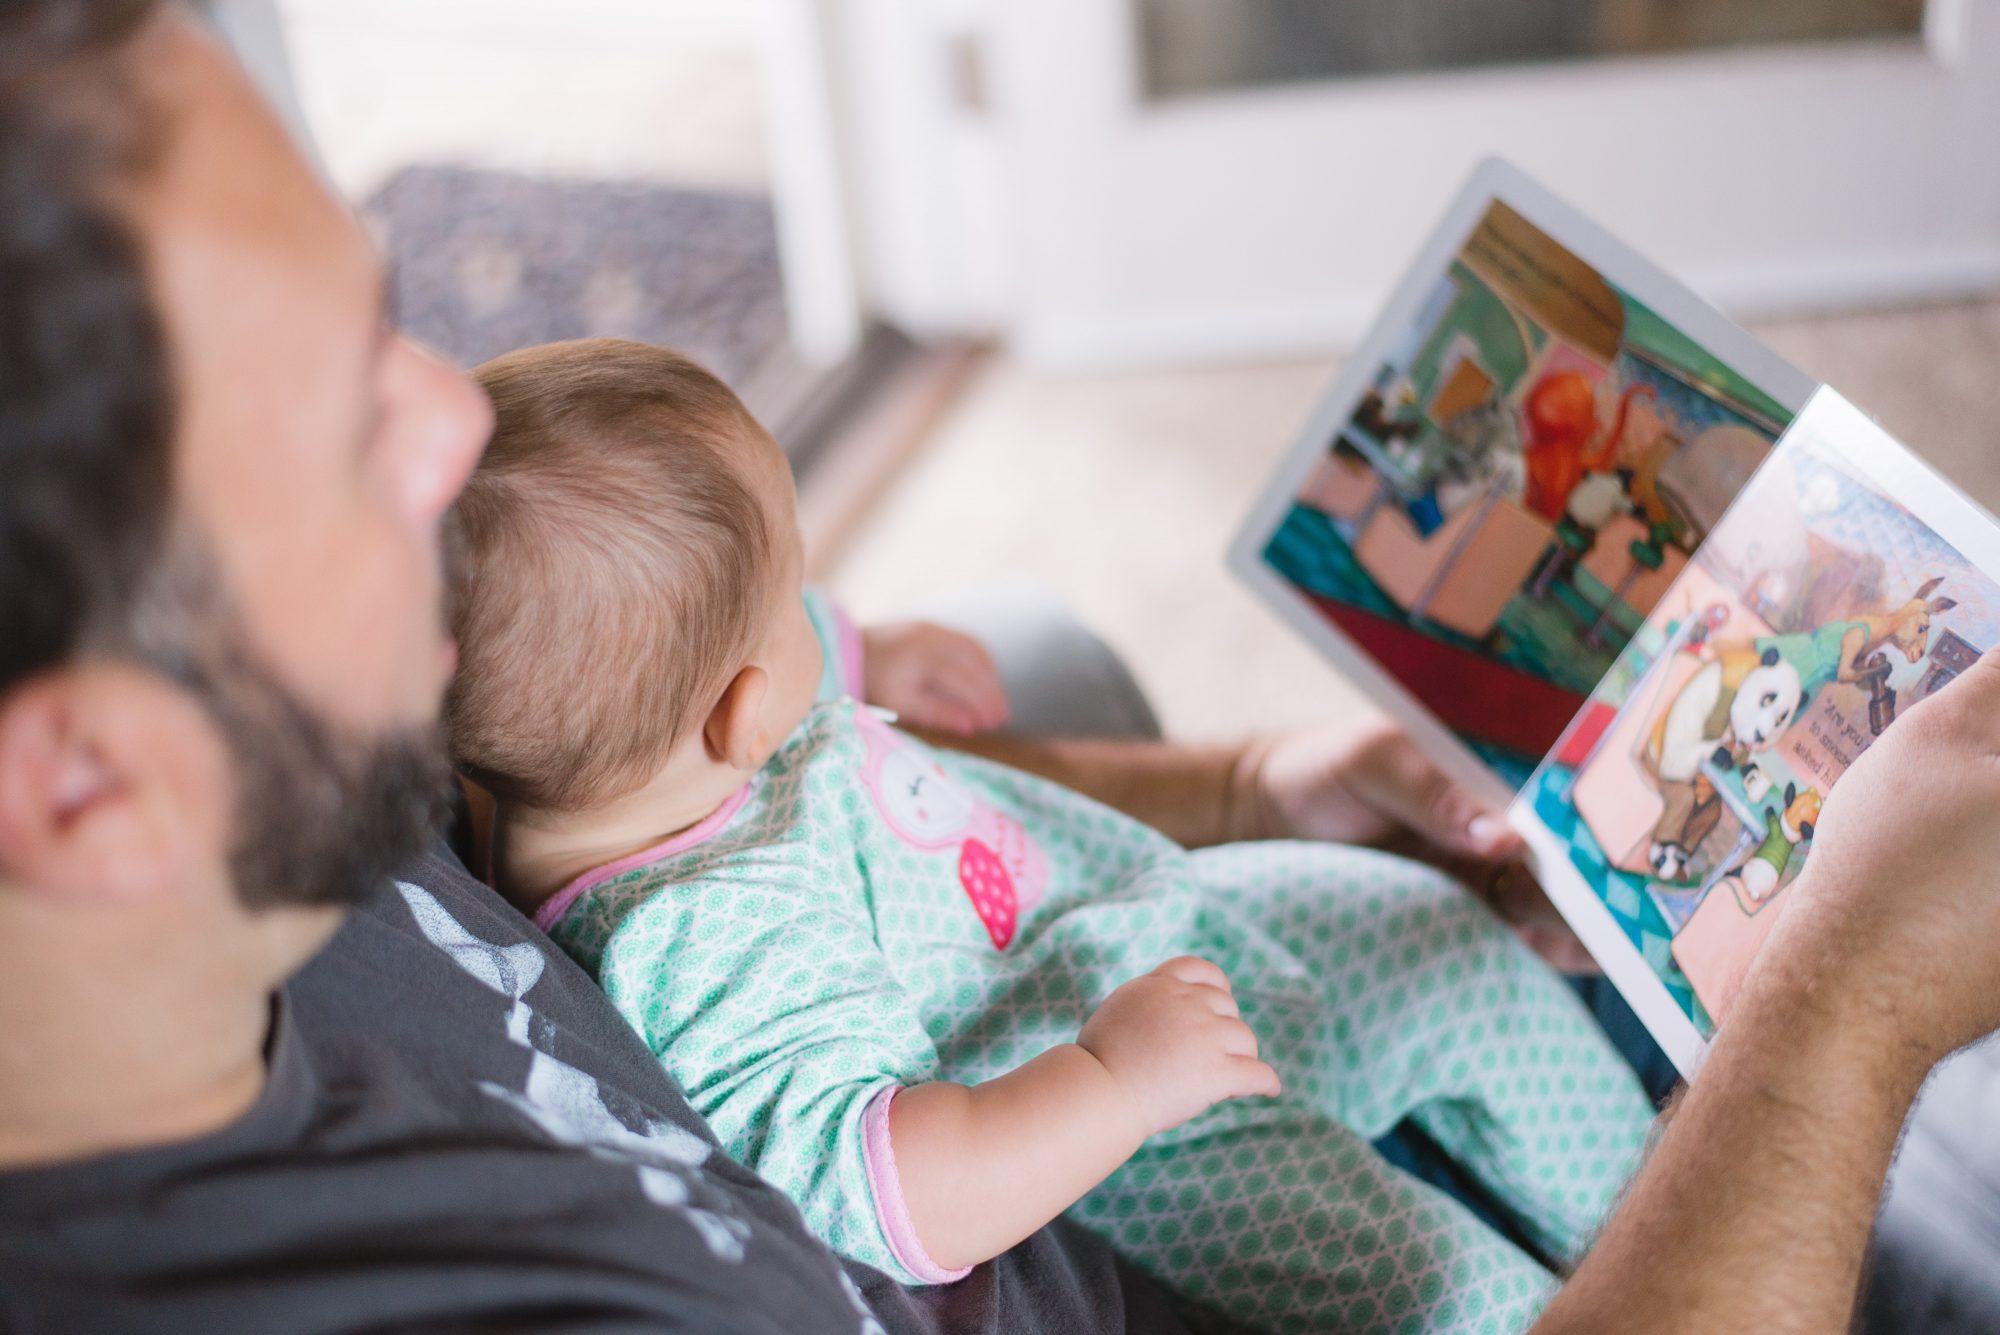 Valinnanvapausmalli uhkaa heikentää heikoimmassa asemassa olevien lasten ja perheiden hyvinvointia